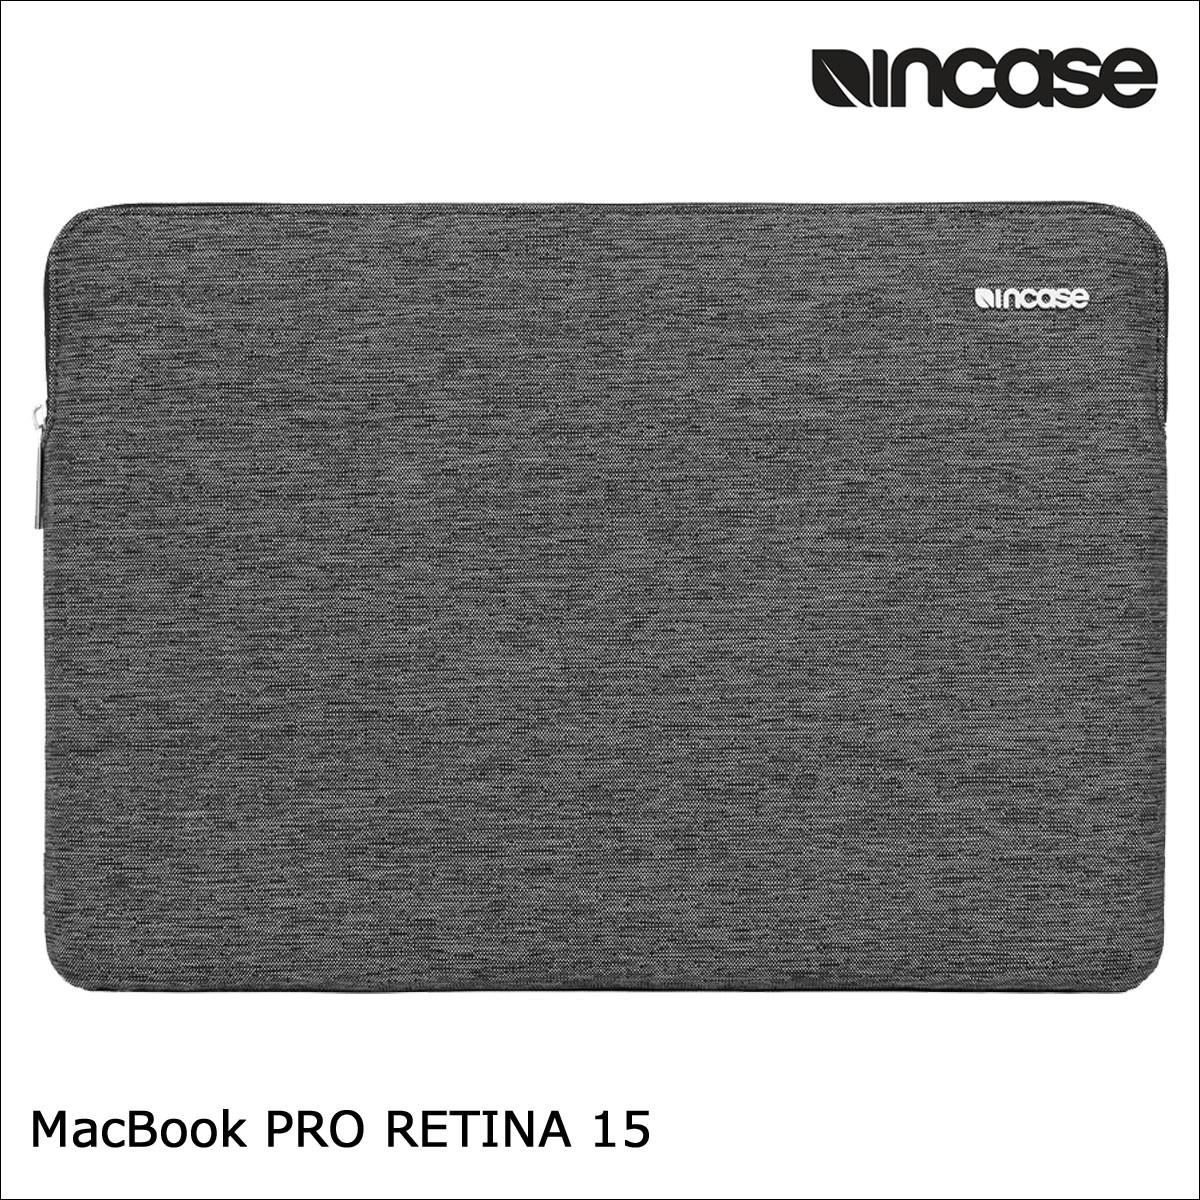 INCASE インケース バッグ パソコンバッグ PCケース 15インチ SLIM SLEEVE PRO FOR MACBOOK RETINA 15 CL60682 レディース メンズ ブラック [1/17 再入荷]